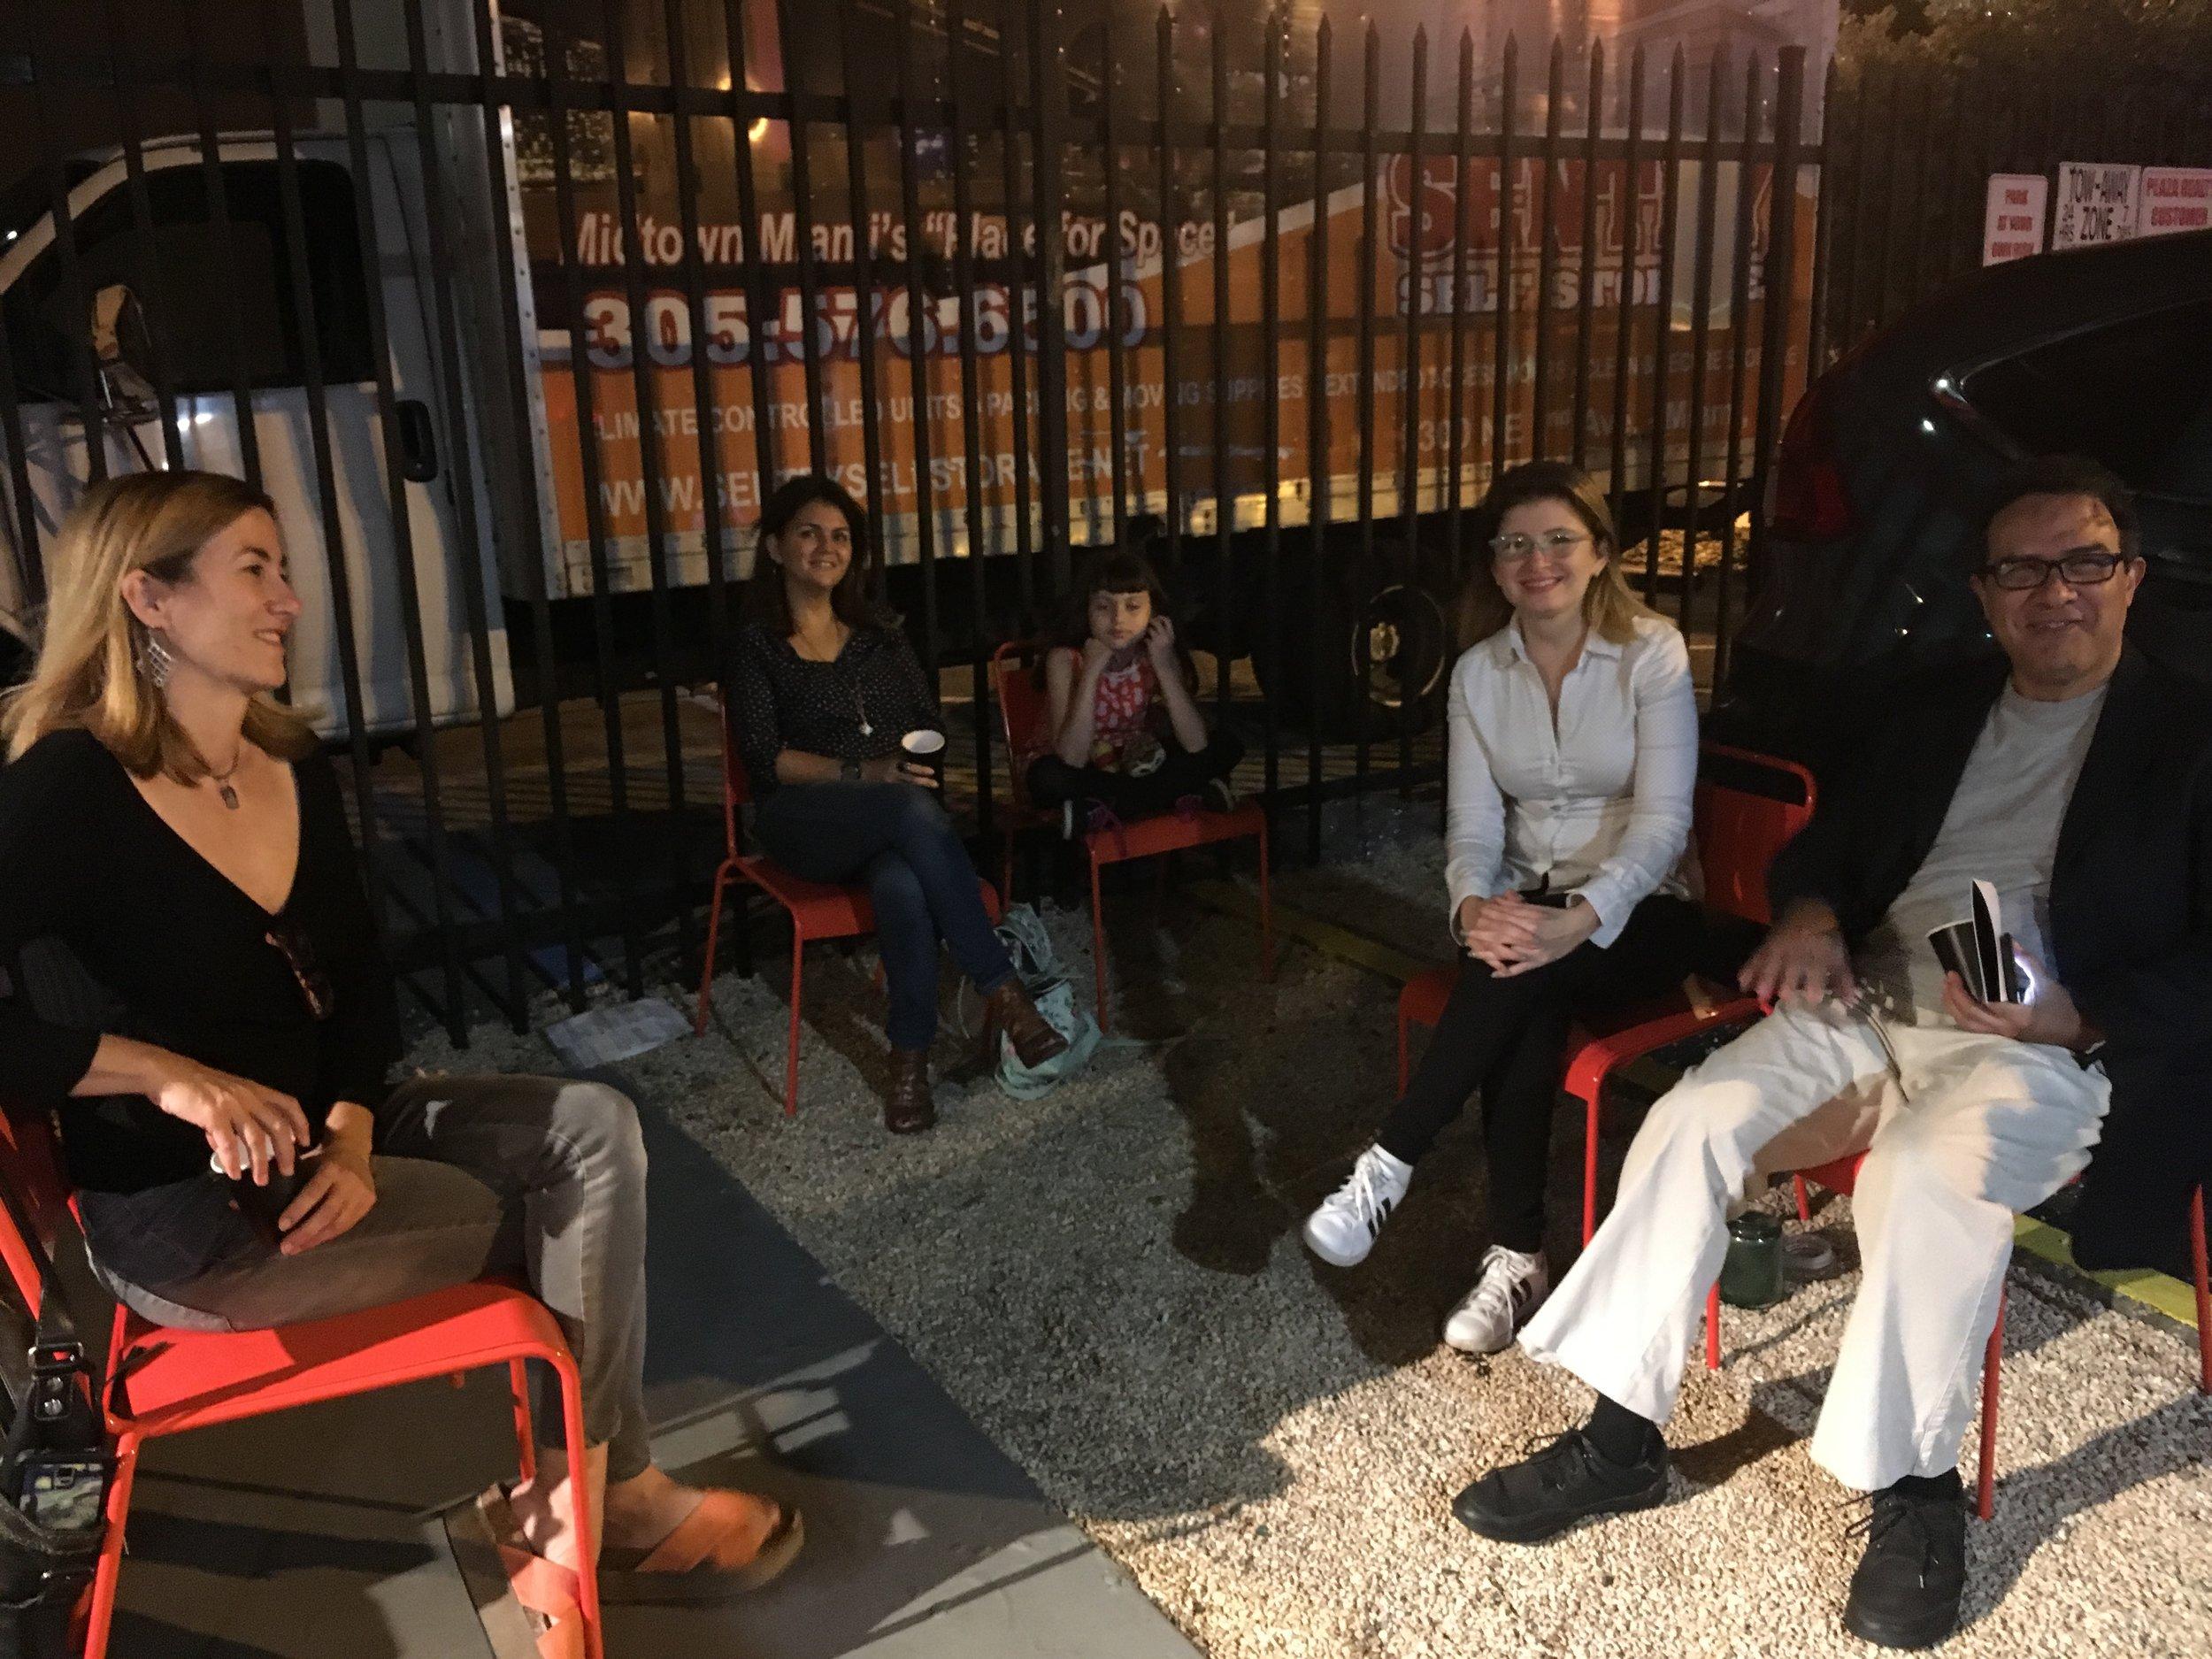 Milagros Gonzalez, Fernando Nuñez-Noda, Vicelyz Fadul, Veronica Daprano